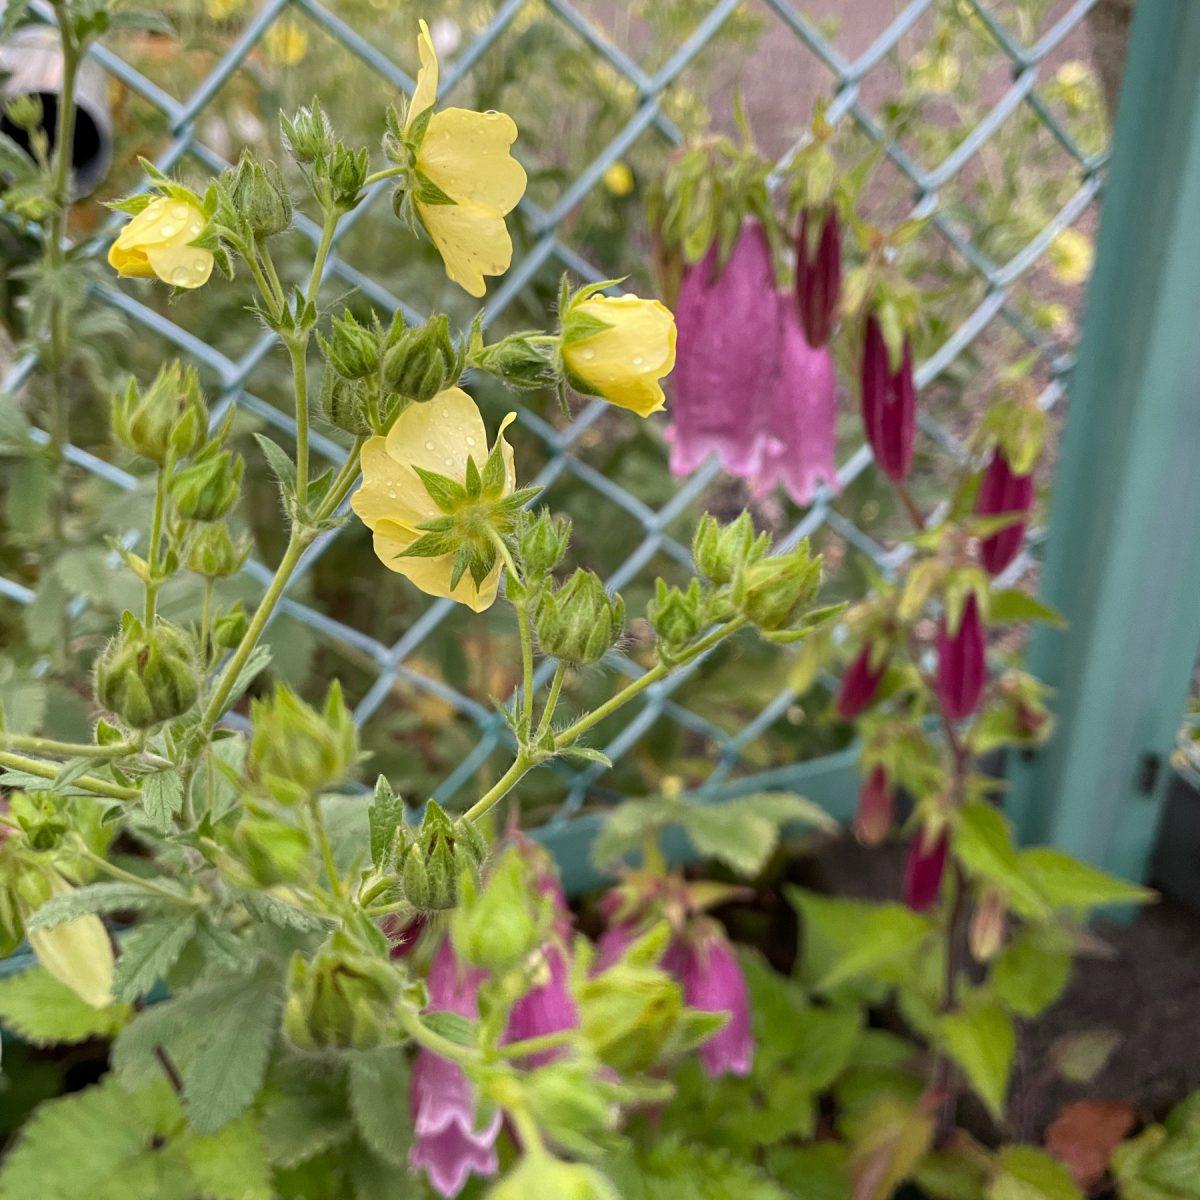 雨上がり、植物たちは嬉しそう!